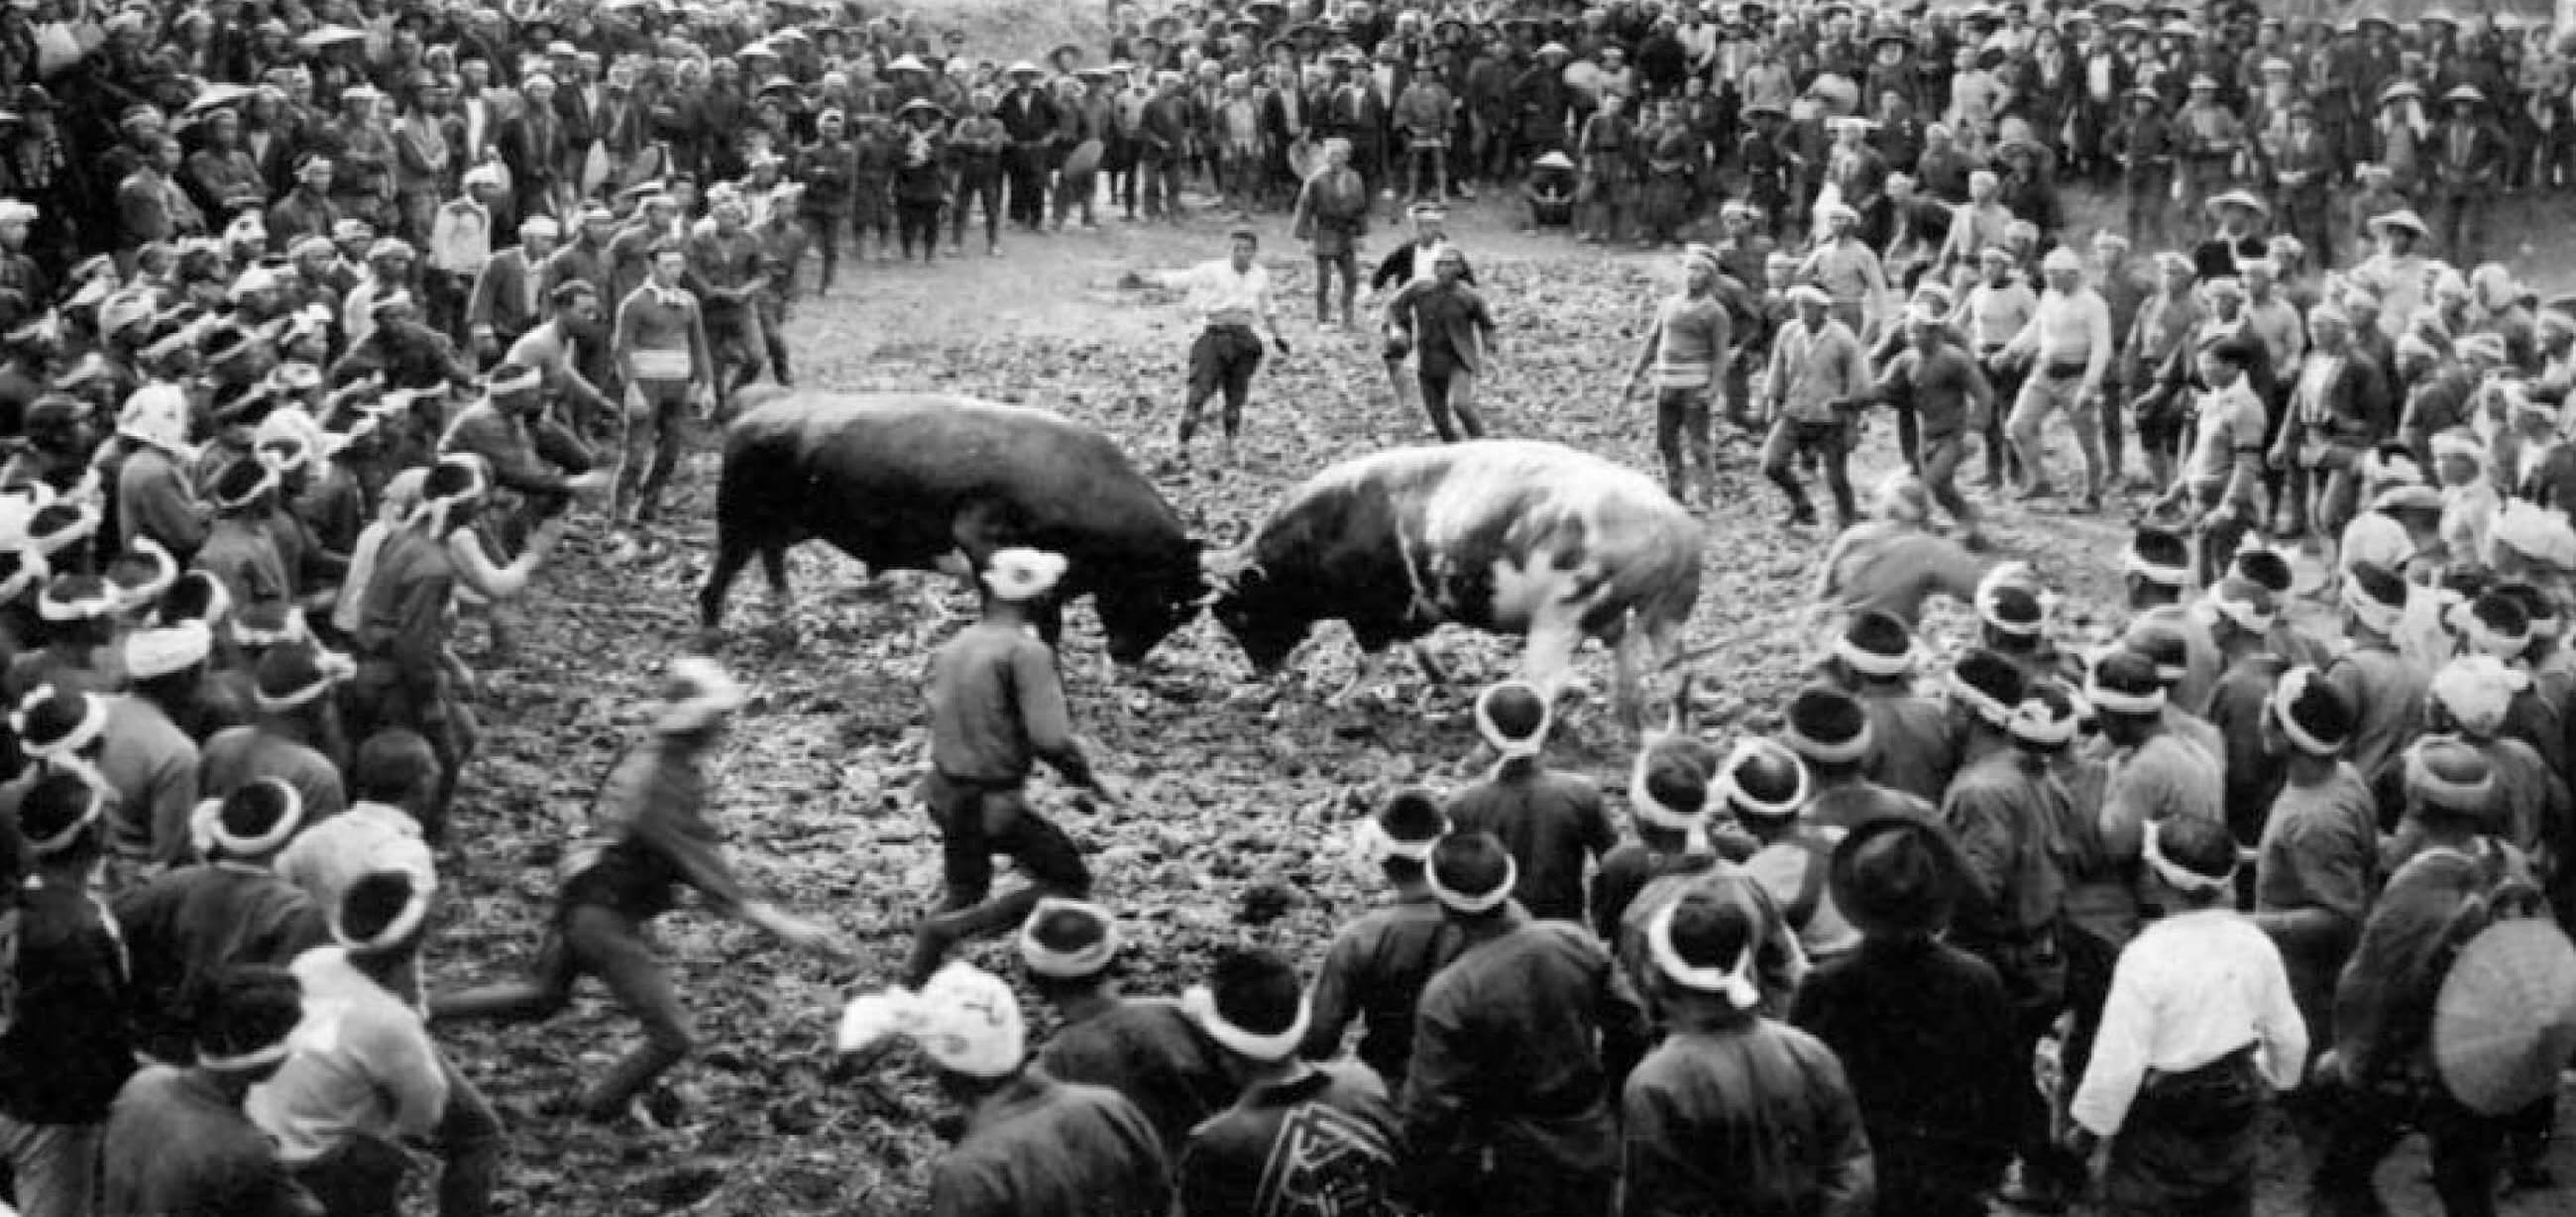 【写真】昭和初期の牛の角突き